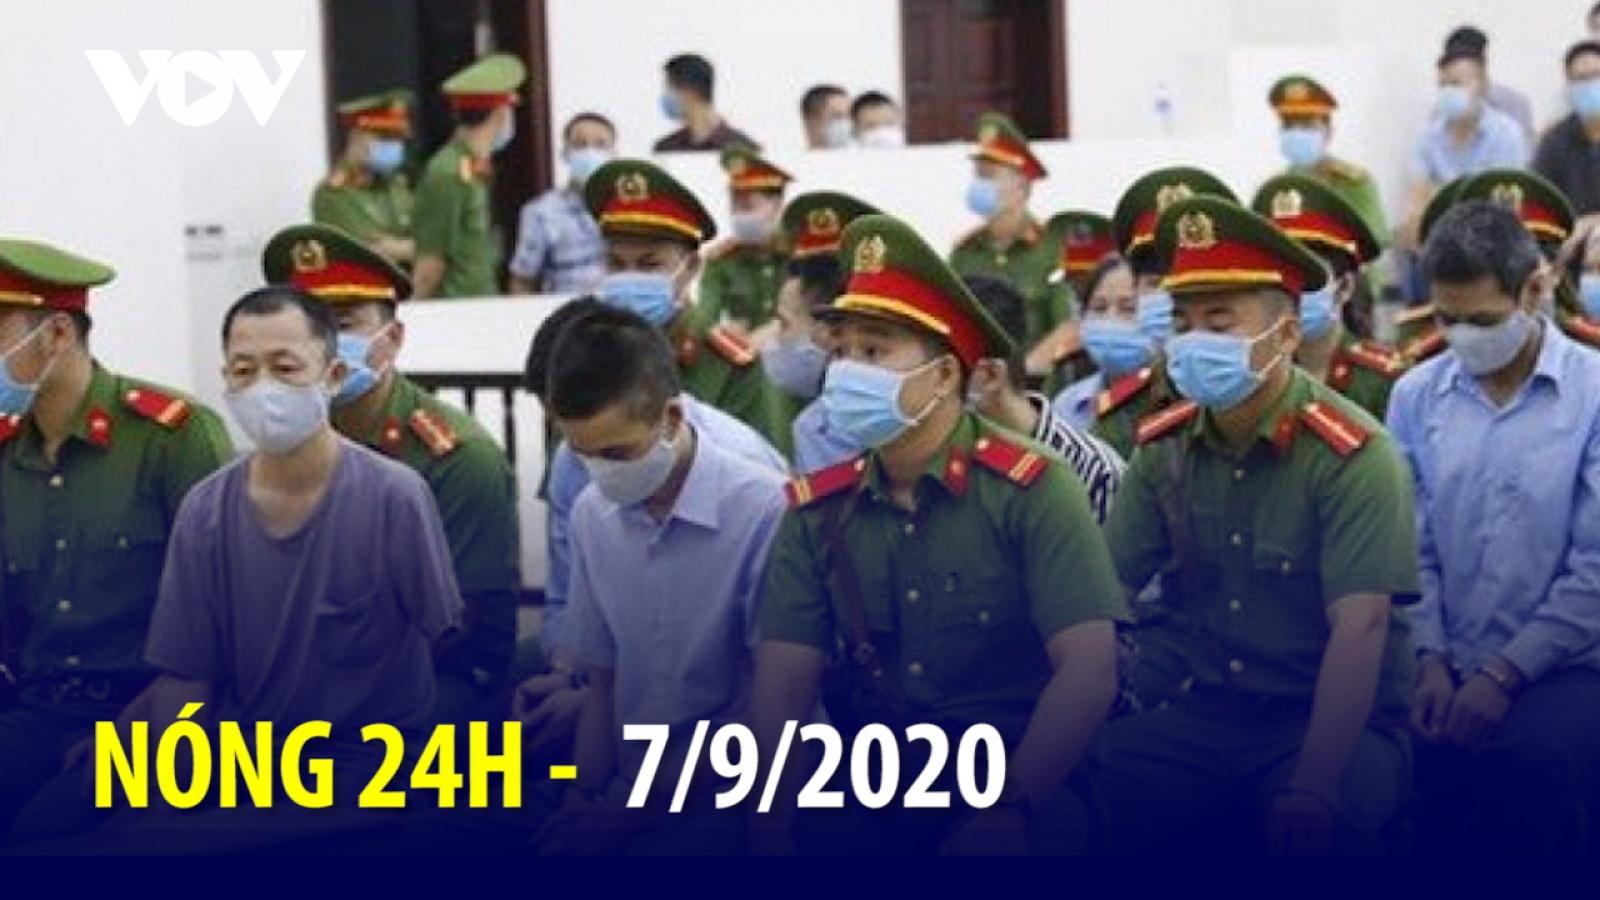 Nóng 24h: Các bị cáo vụ án giết người ở Đồng Tâm nói lời ân hận trước tòa